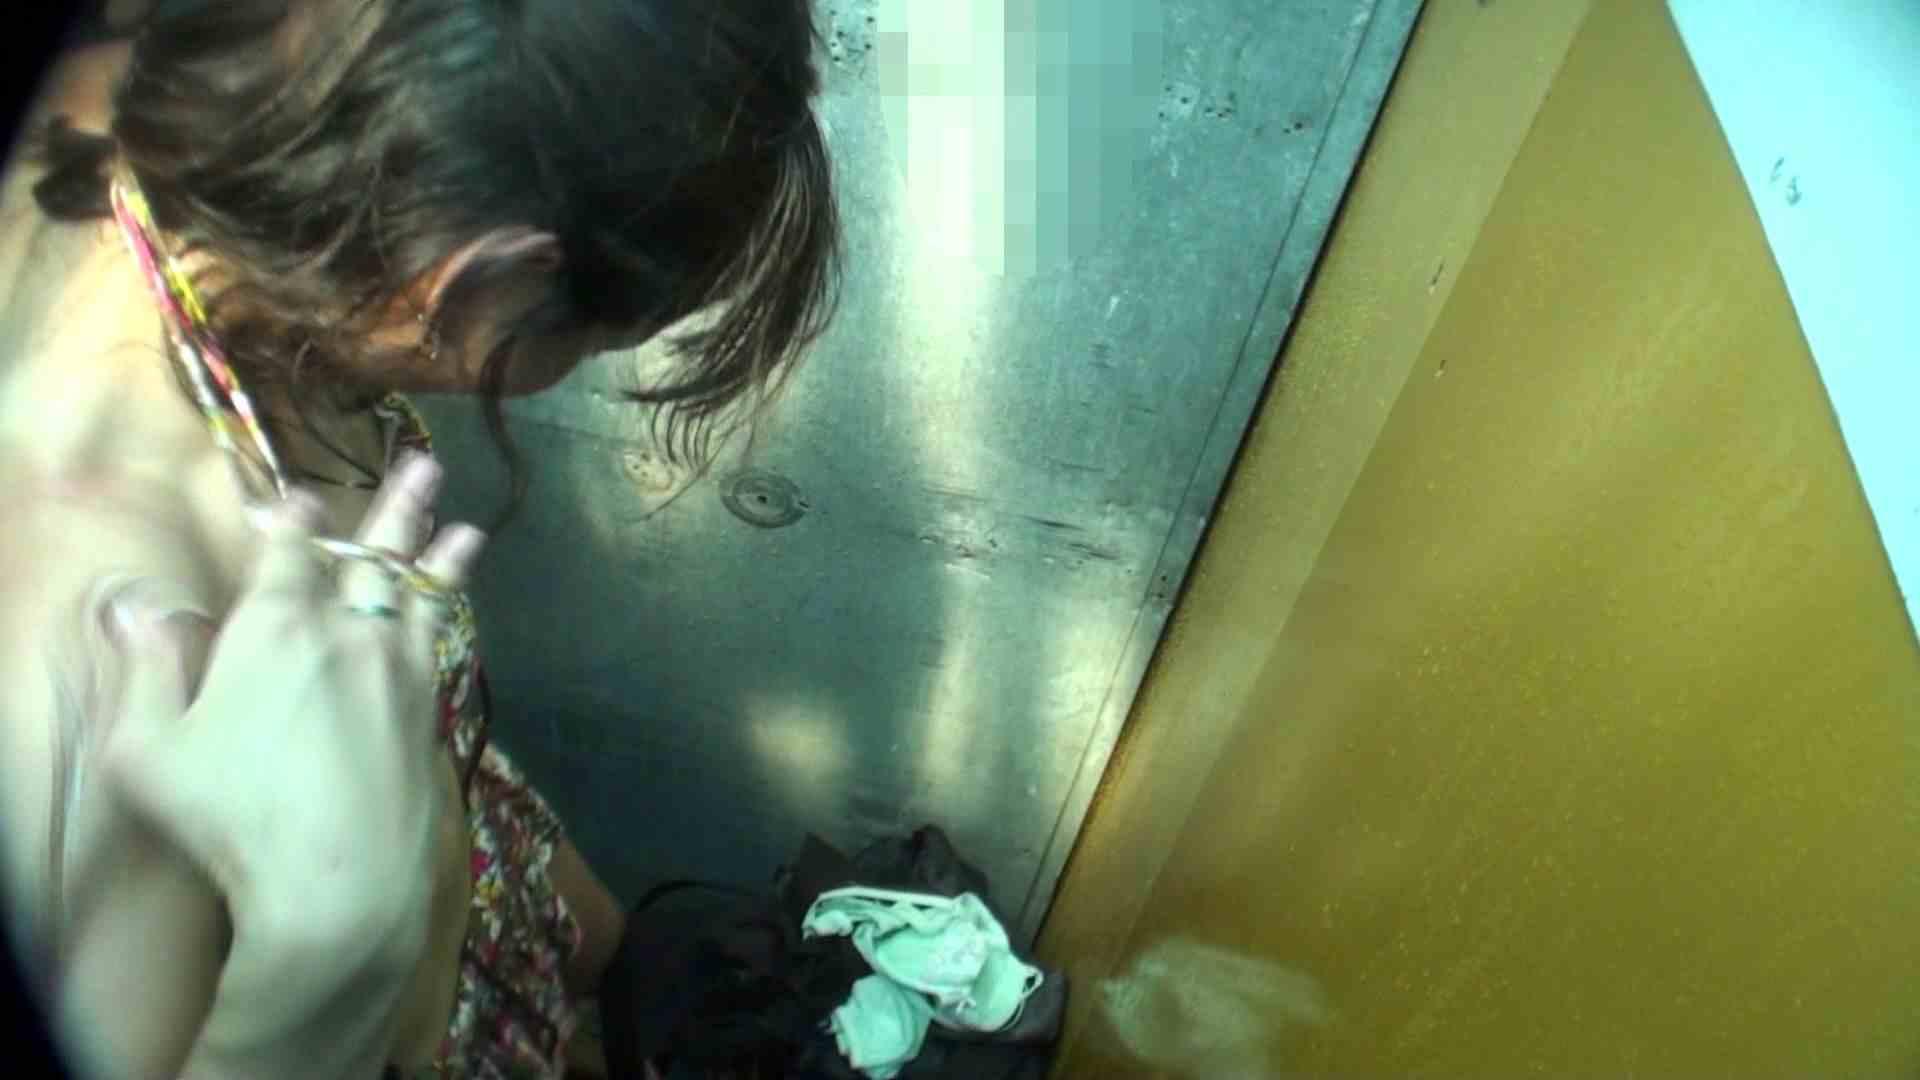 シャワールームは超!!危険な香りVol.16 意外に乳首は年増のそれ 高画質 | 乳首  44連発 17